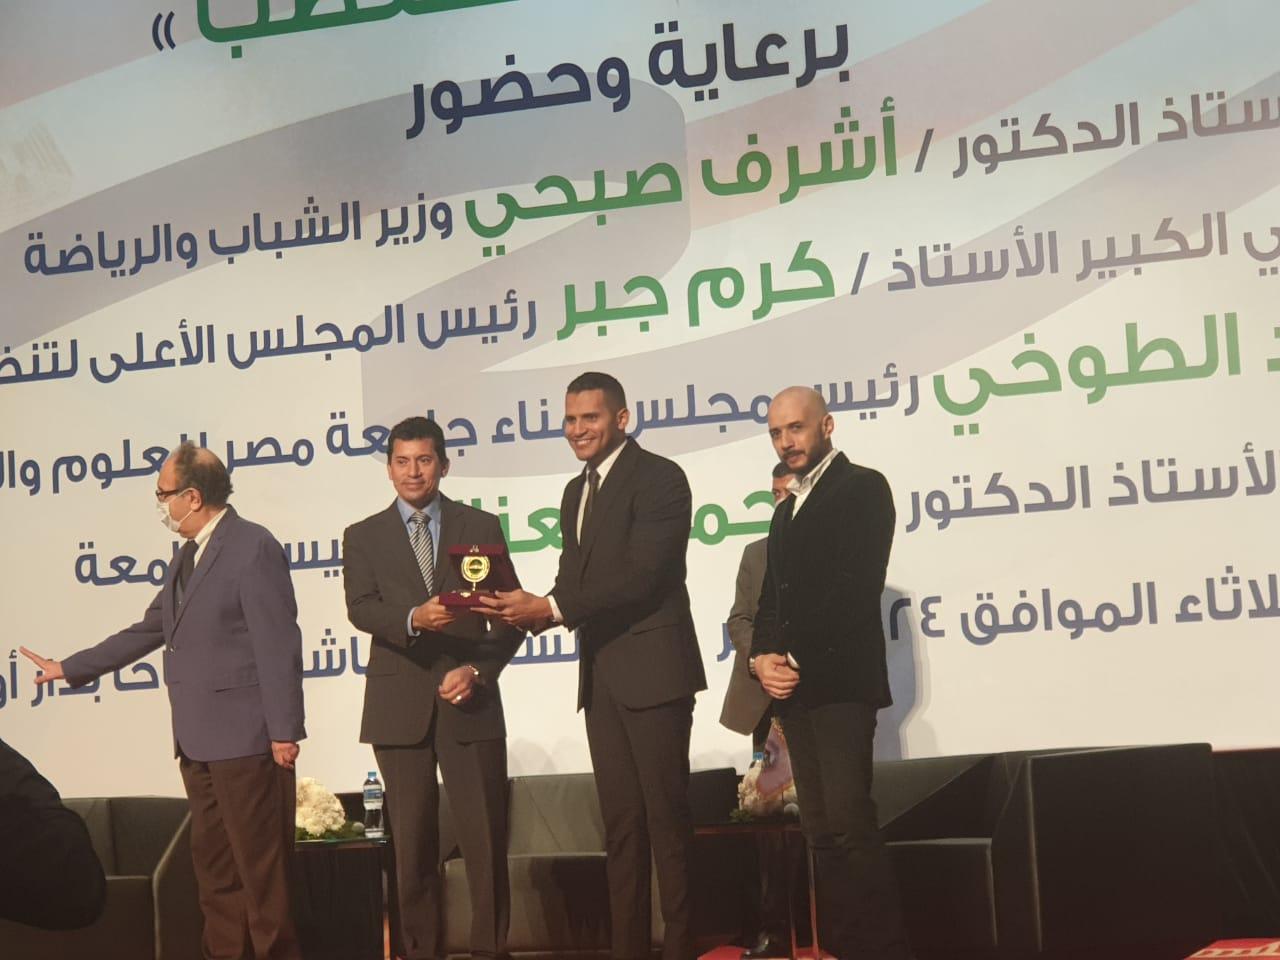 تكريم عمر ربيع ياسين